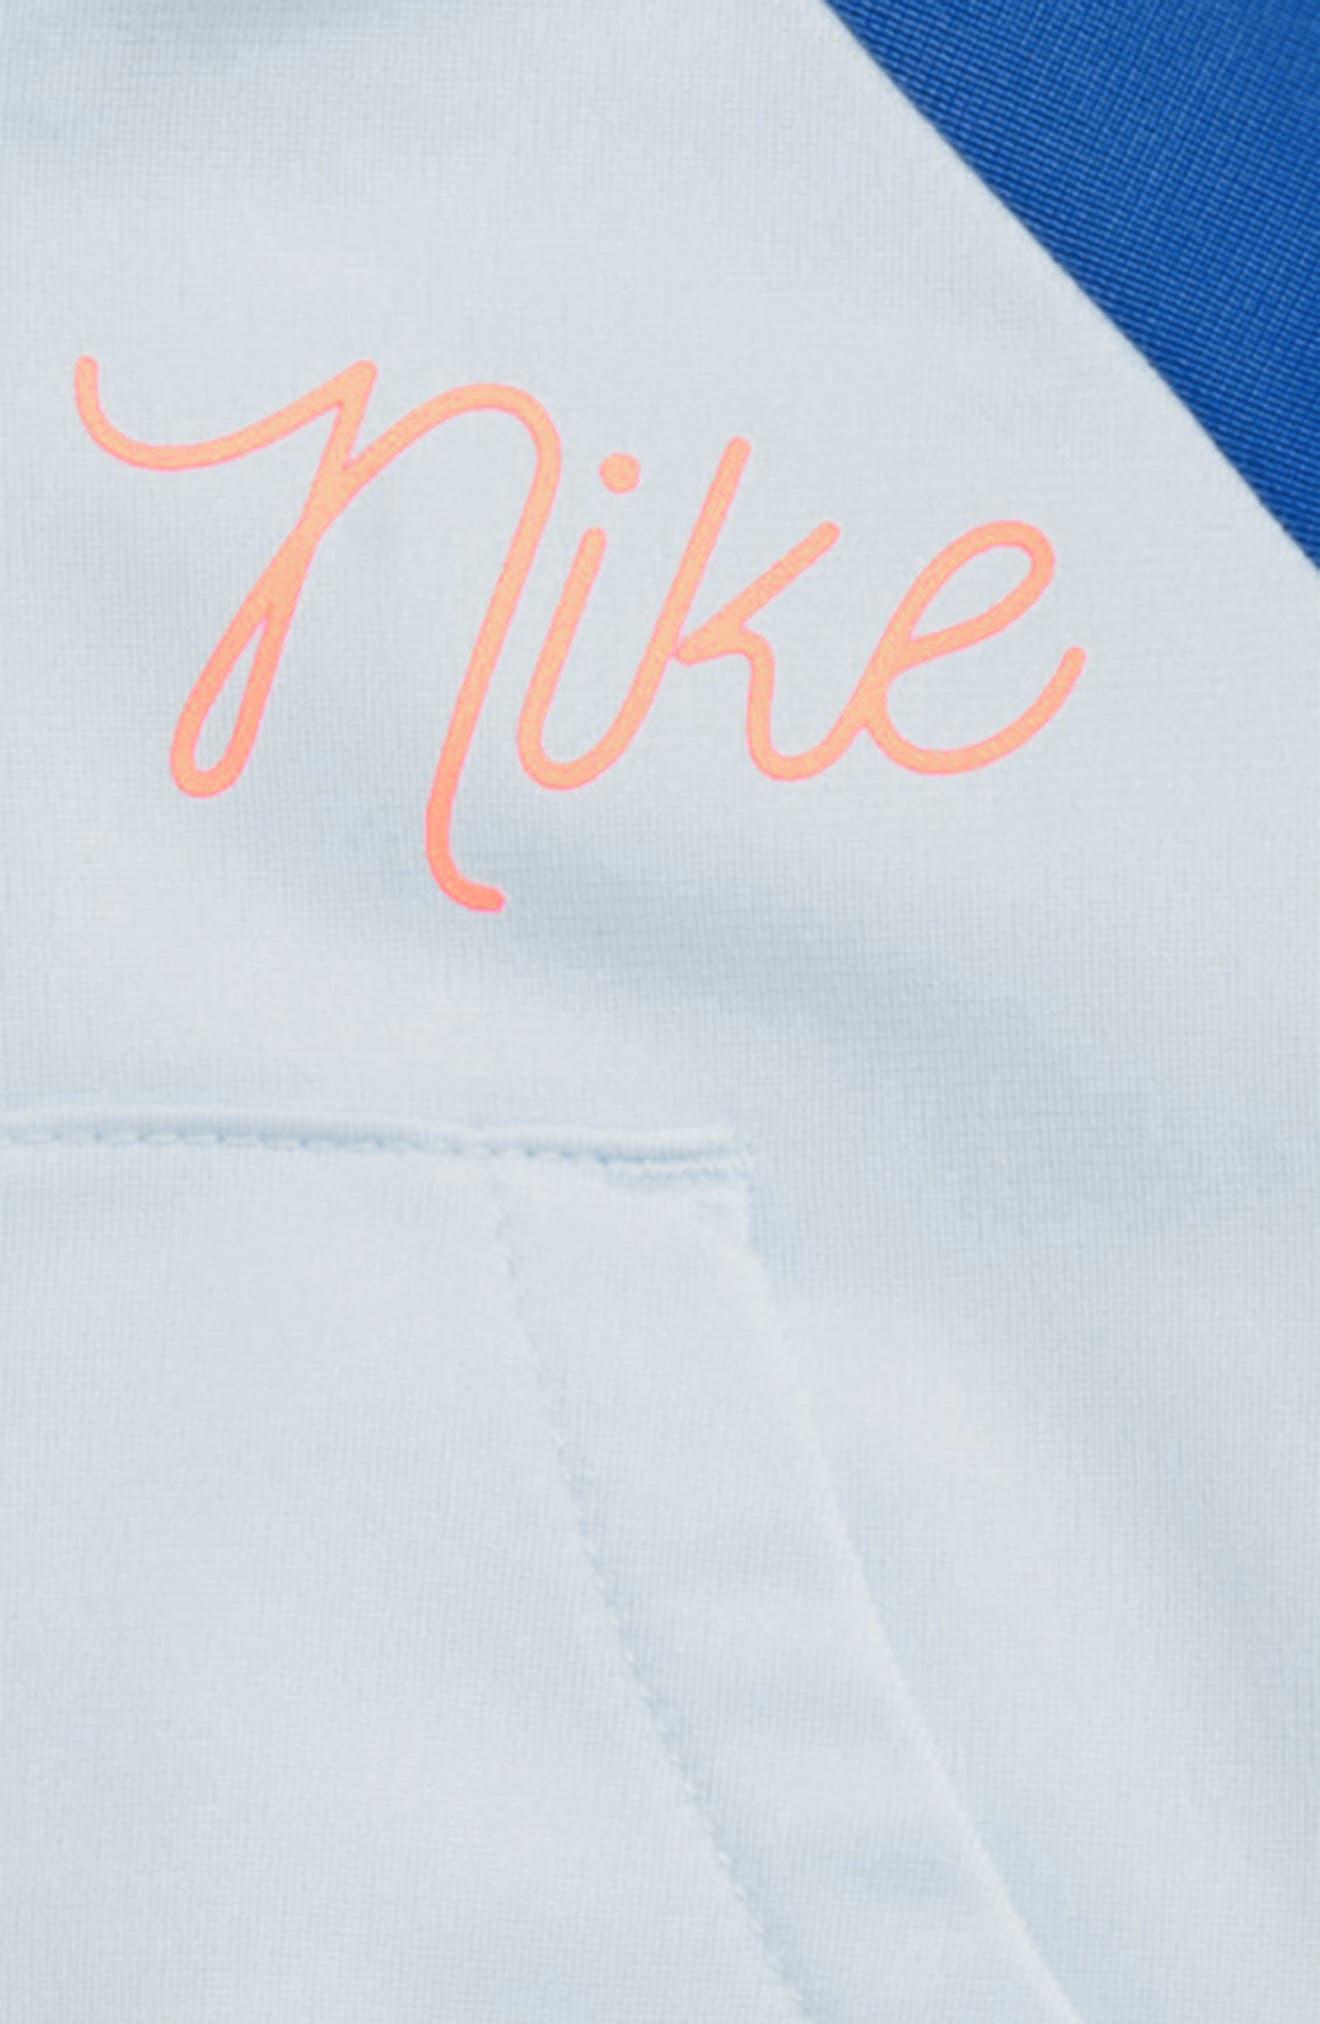 Swoosh Tricot Track Suit Set,                             Alternate thumbnail 2, color,                             SIGNAL BLUE